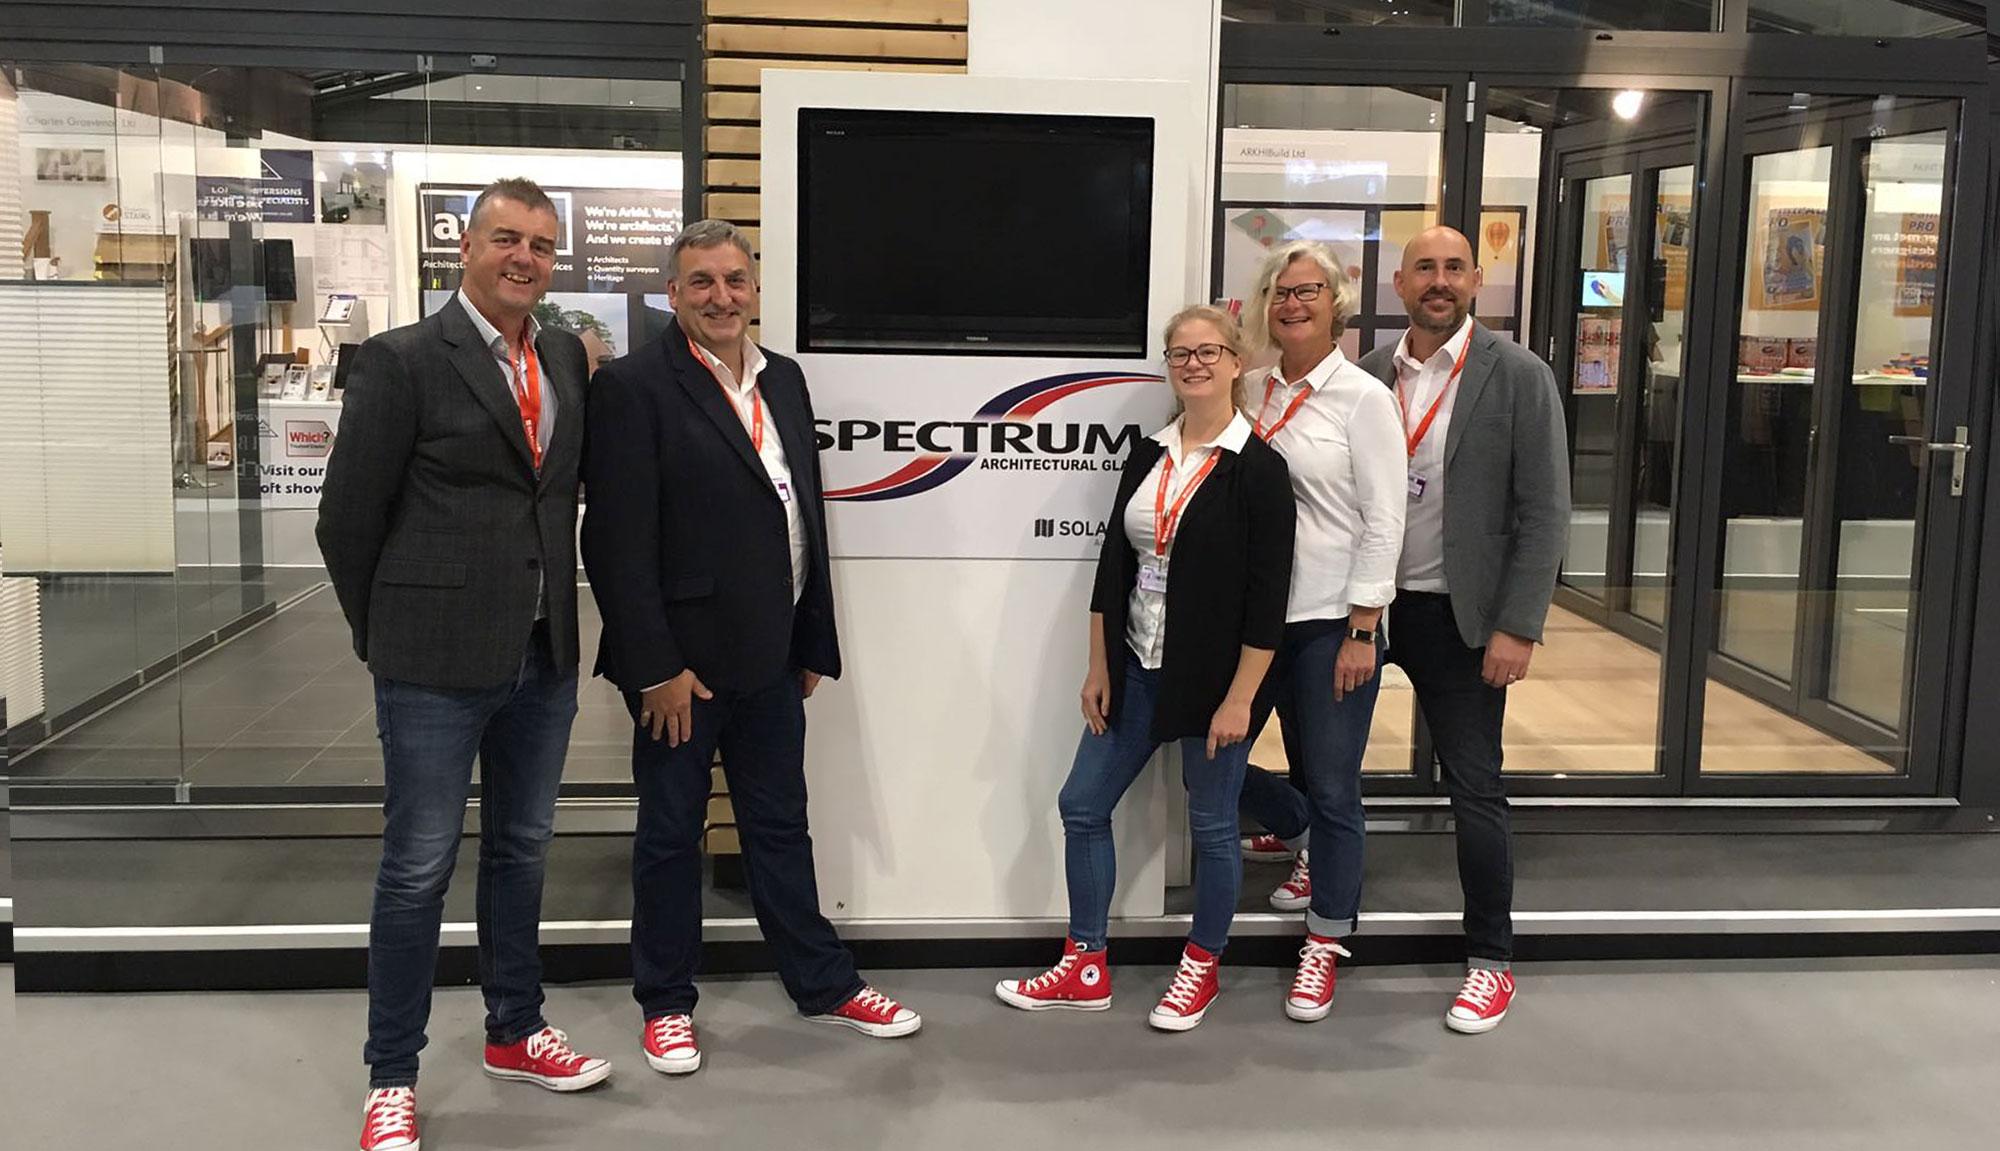 The Spectrum Team at Grand Designs 2018